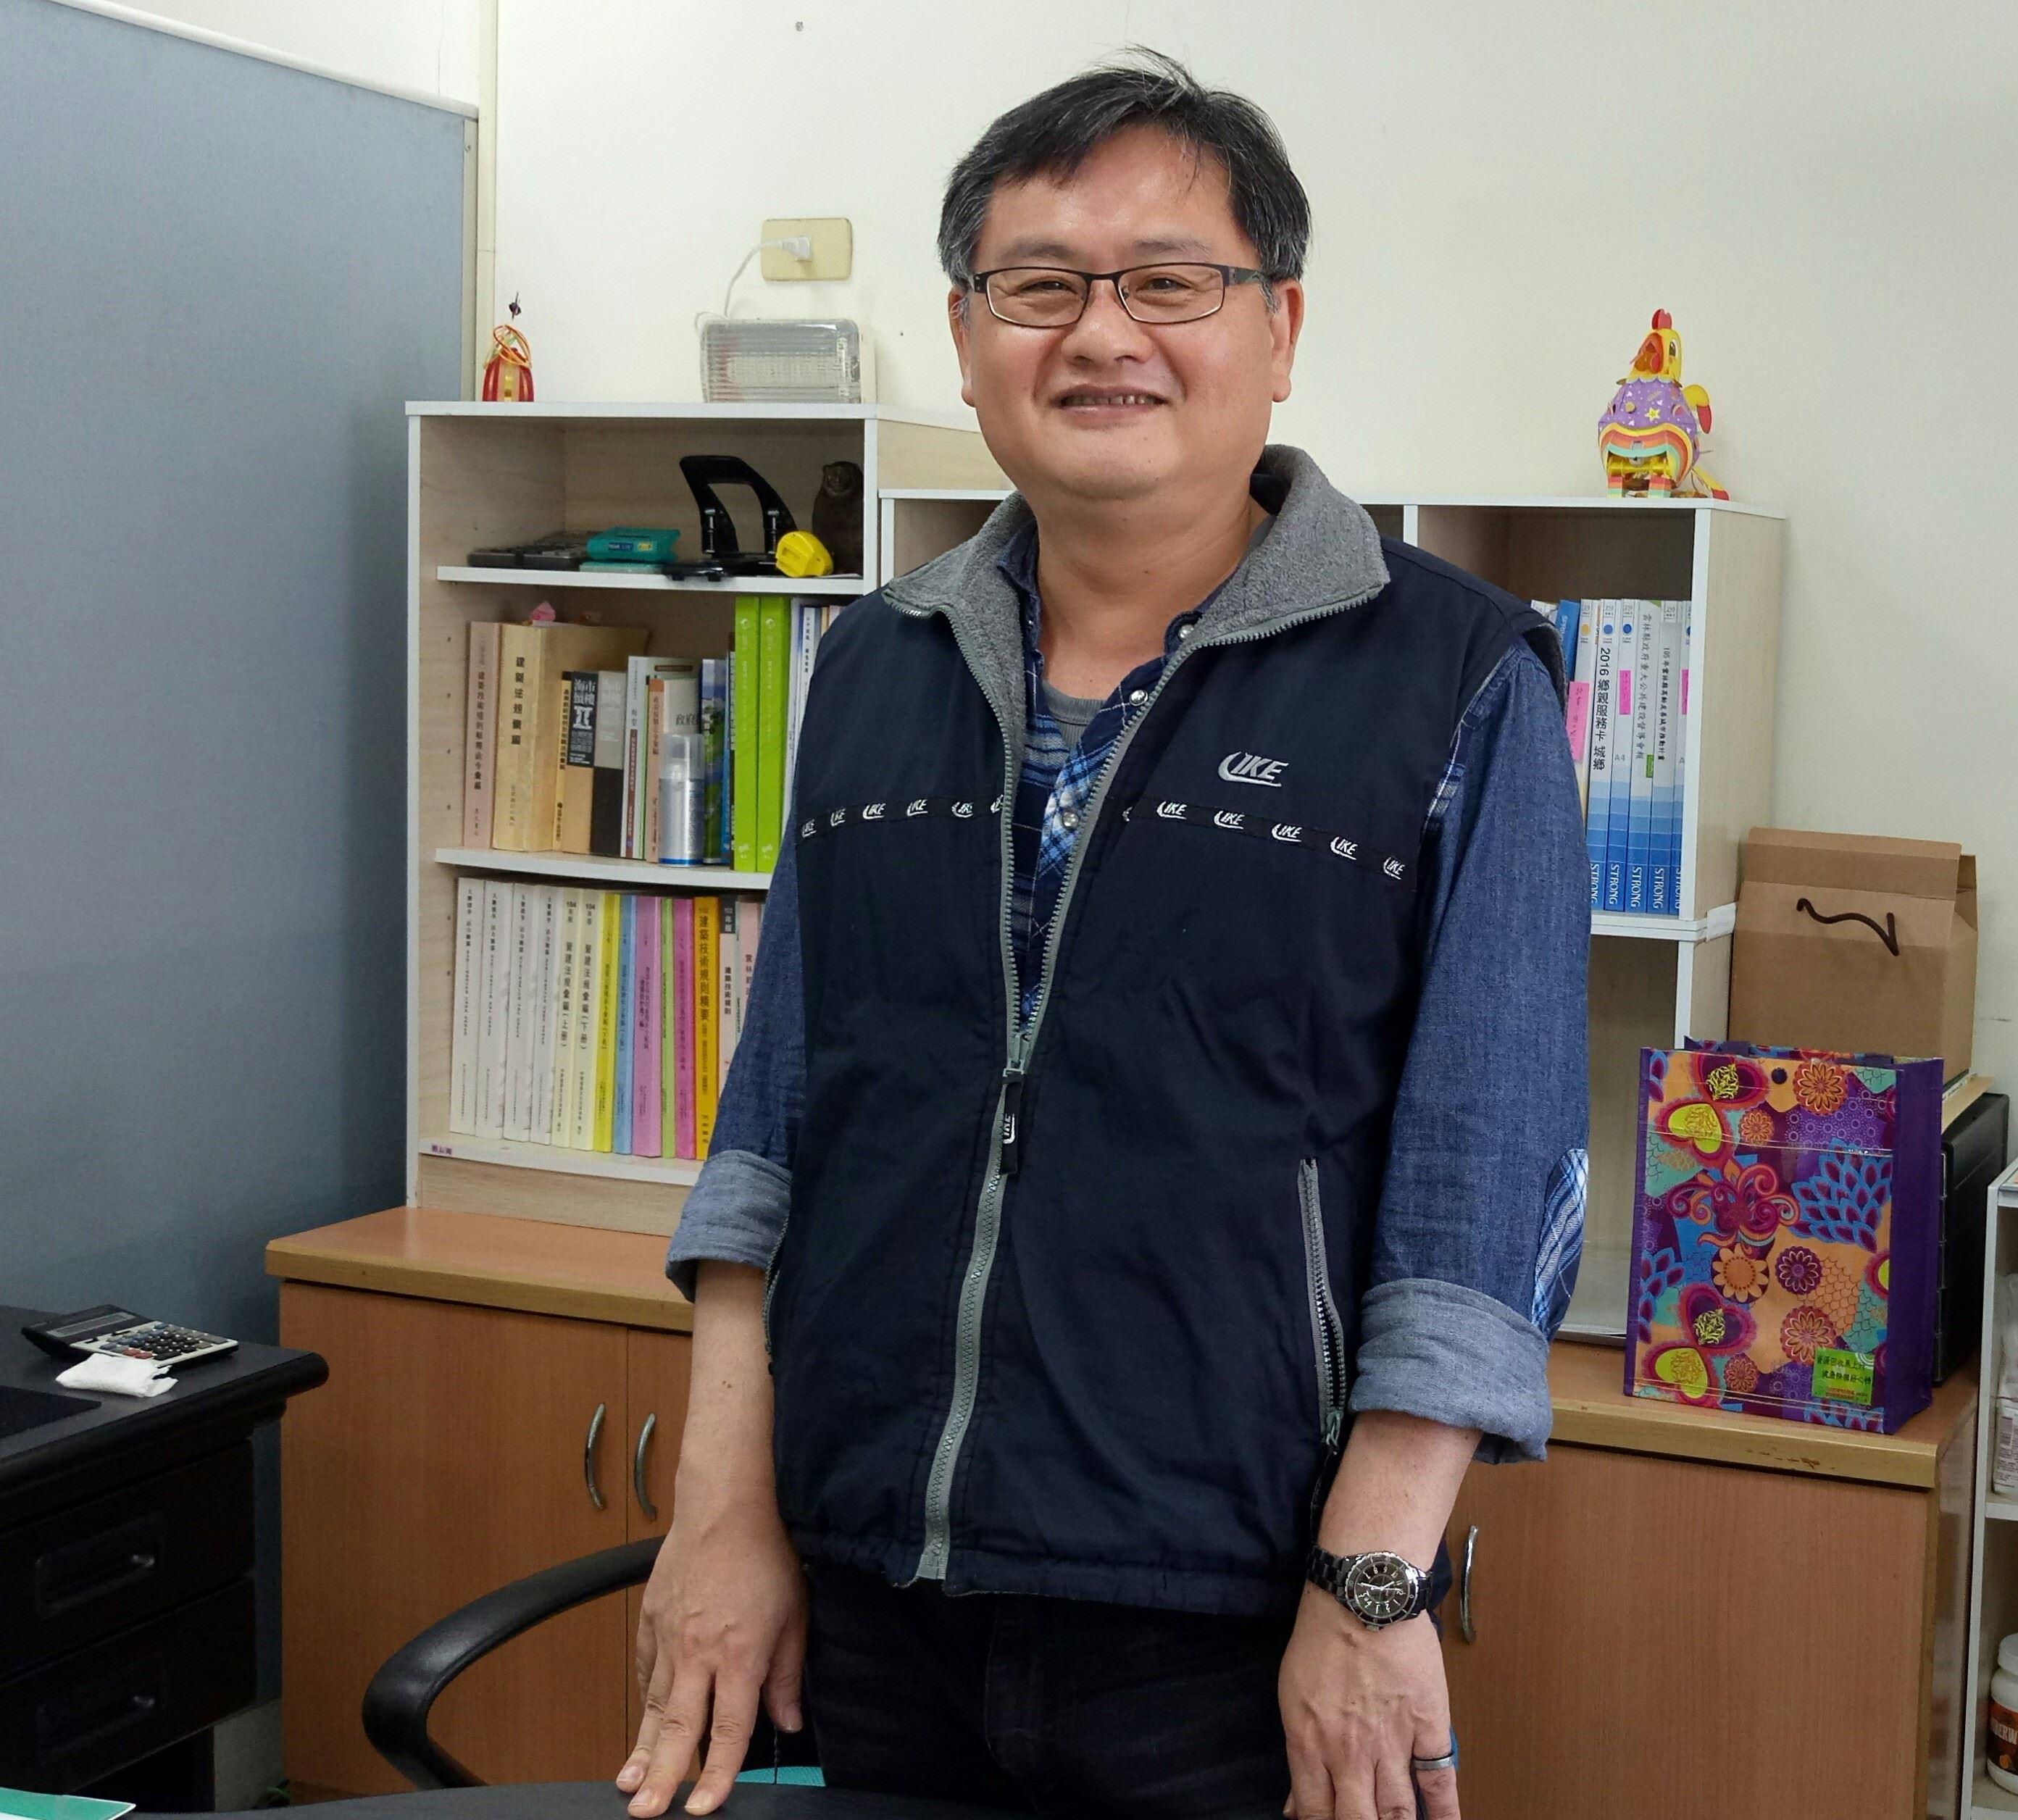 雲林縣政府城鄉發展處副處長劉以興.JPG